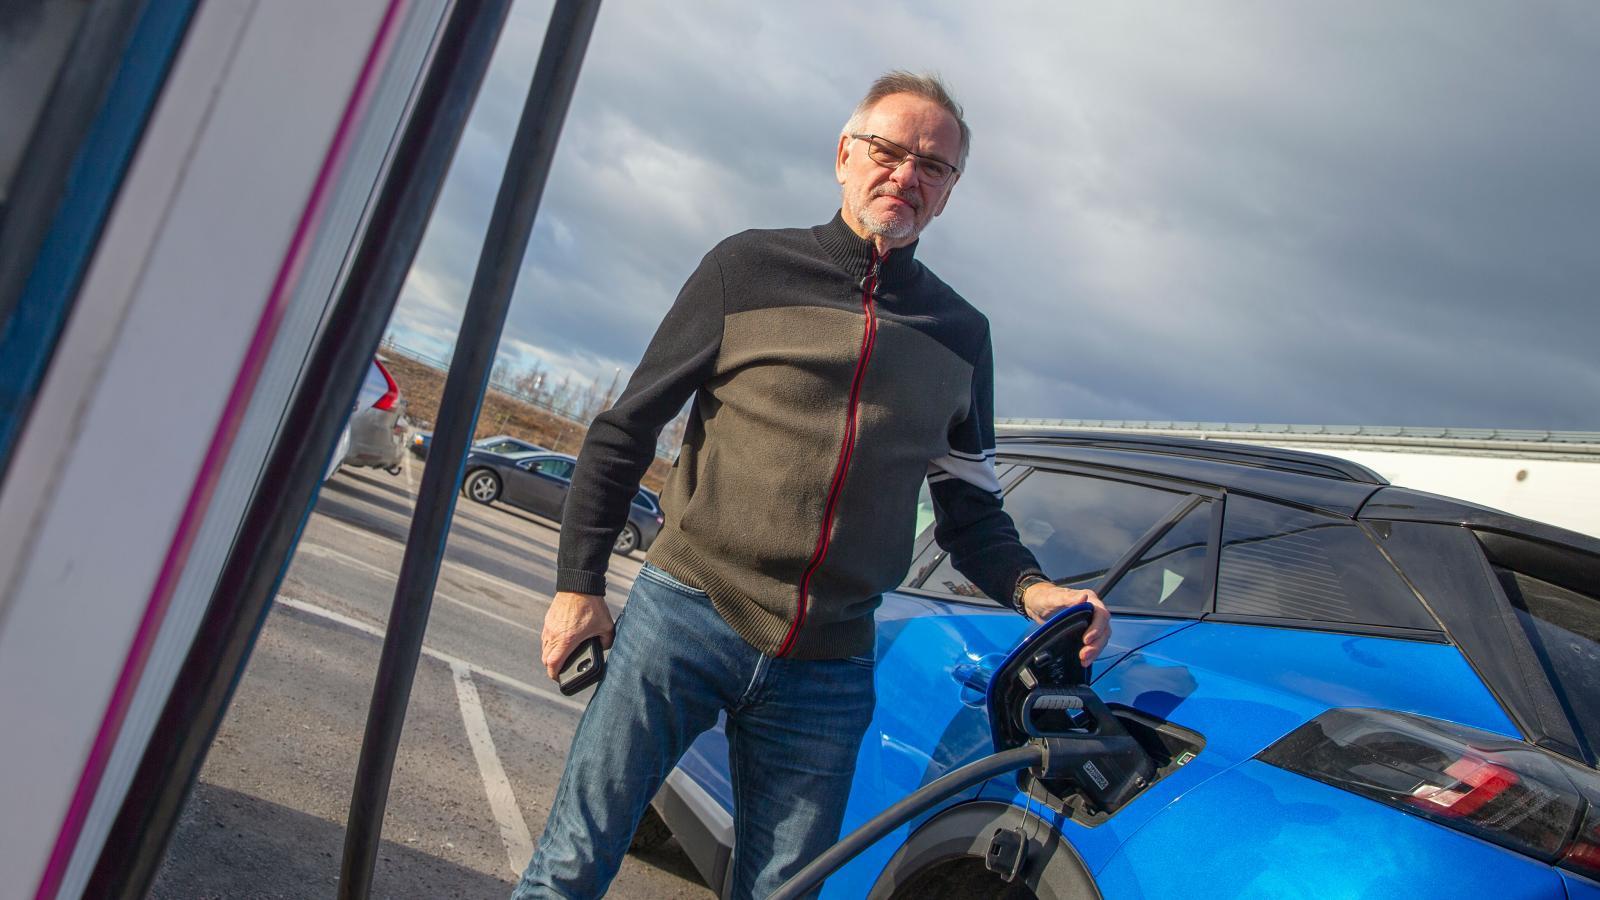 – Det är nästan alltid någon som står här och laddar, säger Anders Östlund som stannat för att fylla på batteriet i Tierp.